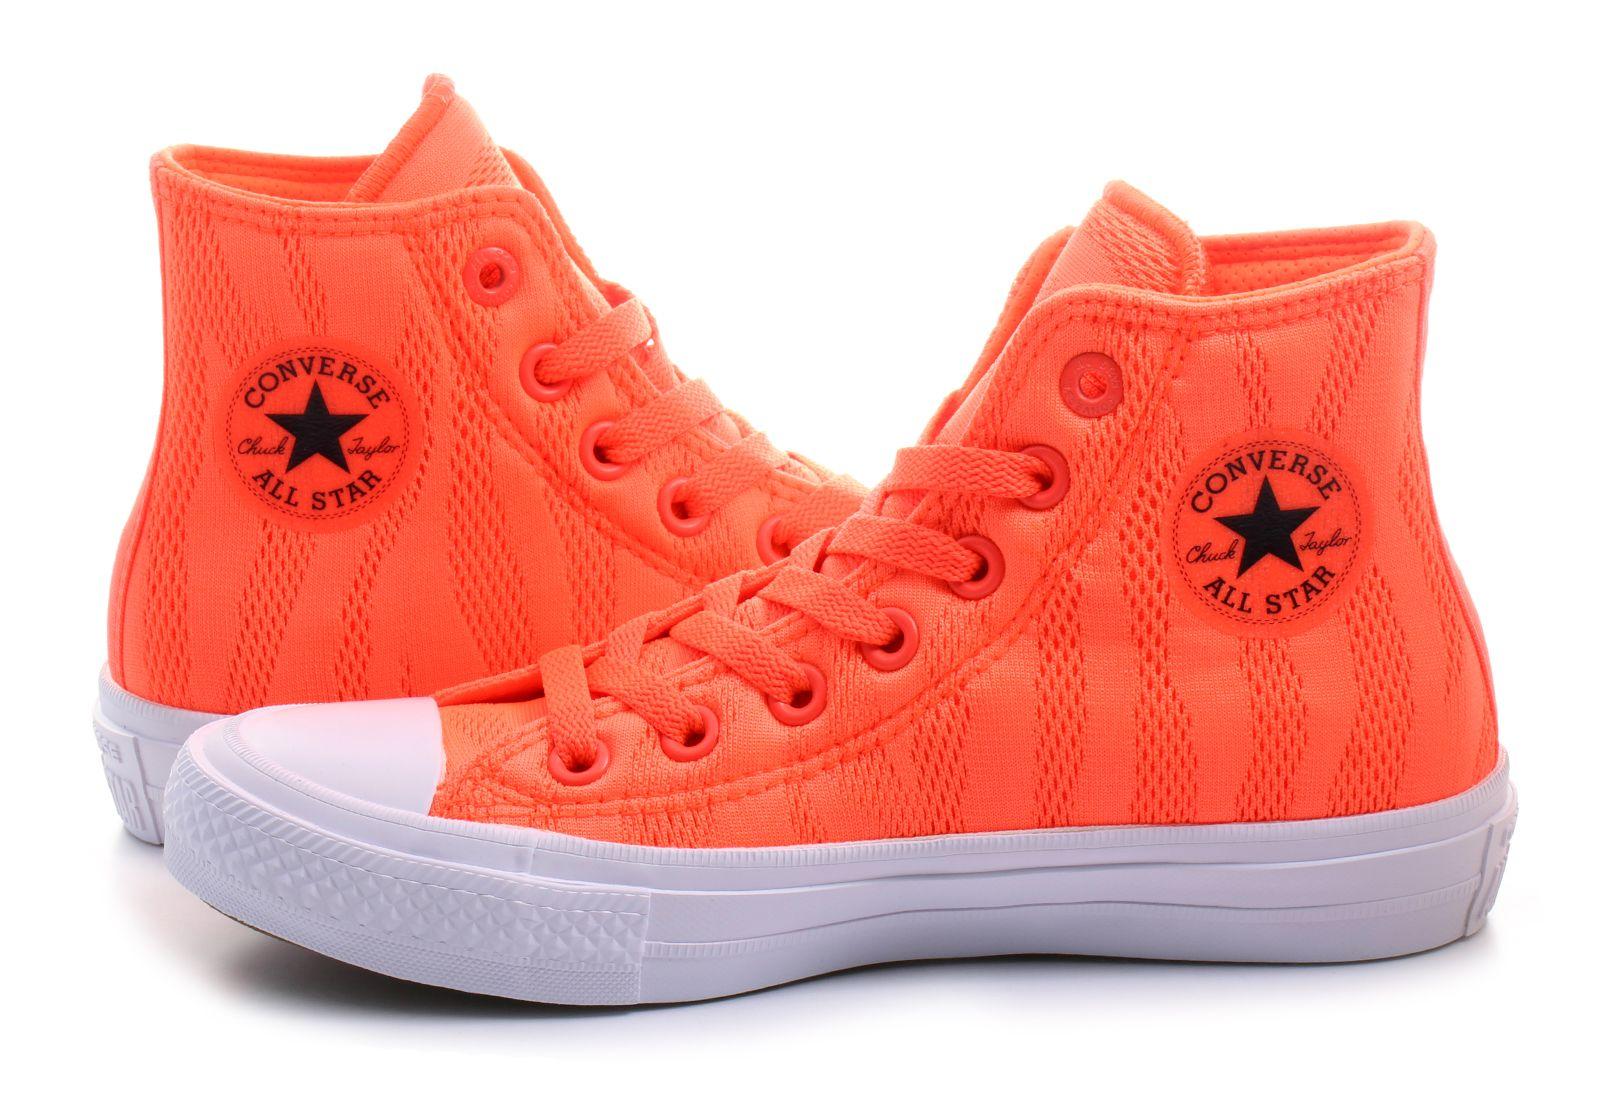 Converse Tornacipő - Chuck Taylor All Star Ii Specialty Hi - 155492C ... 1679af010a